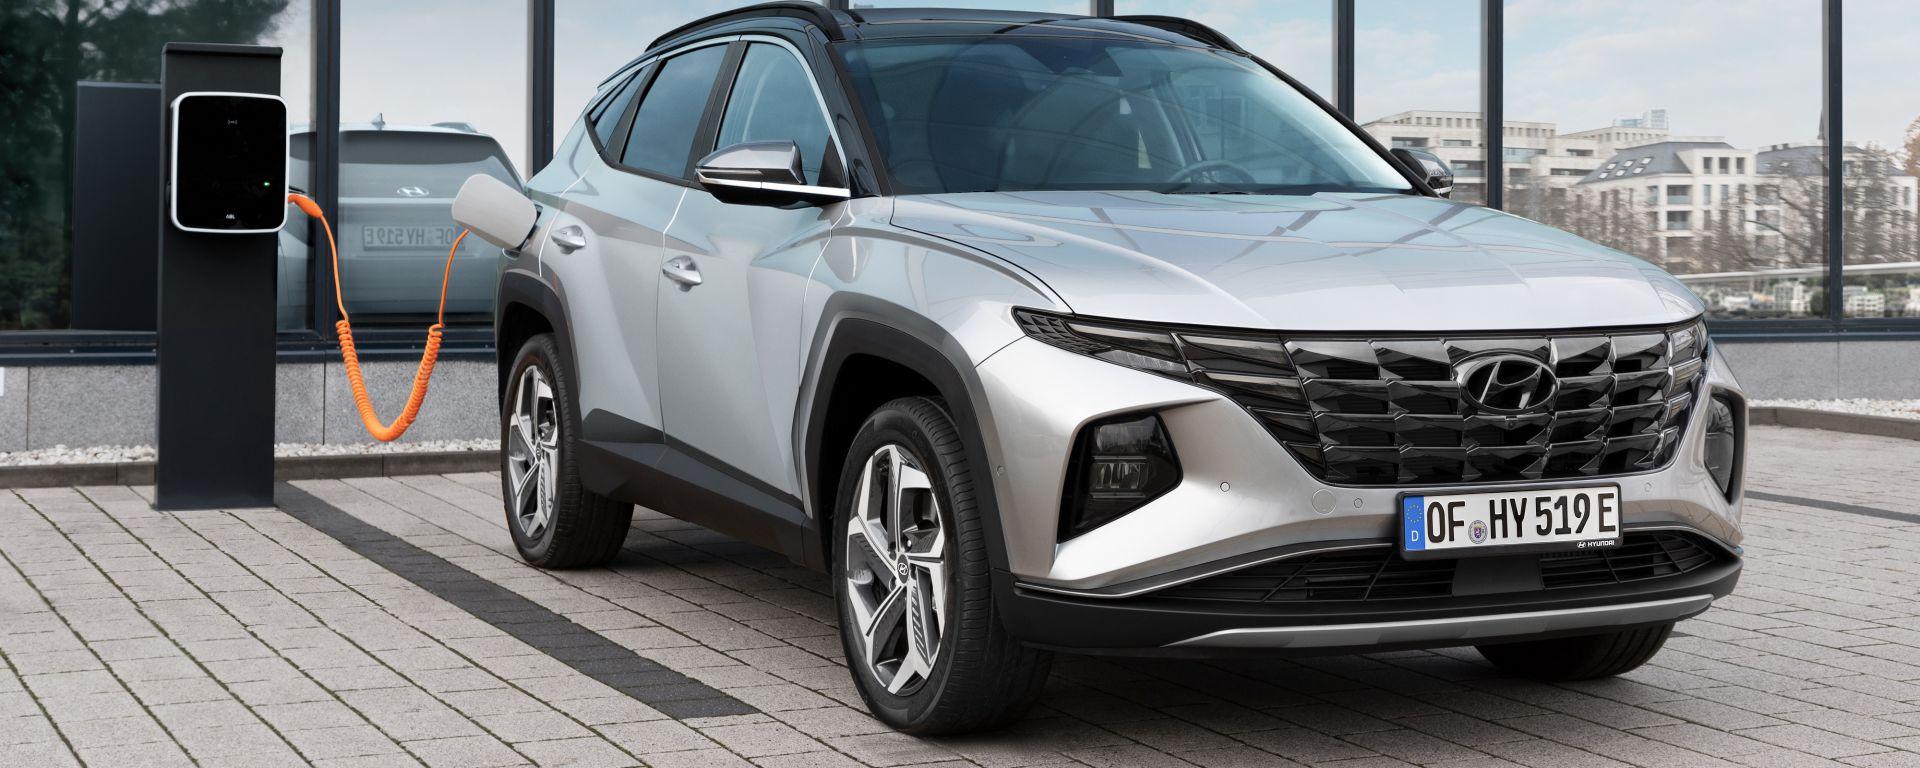 Nuova Hyundai Tucson Plug-in Hybrid, le specifiche motore e batterie